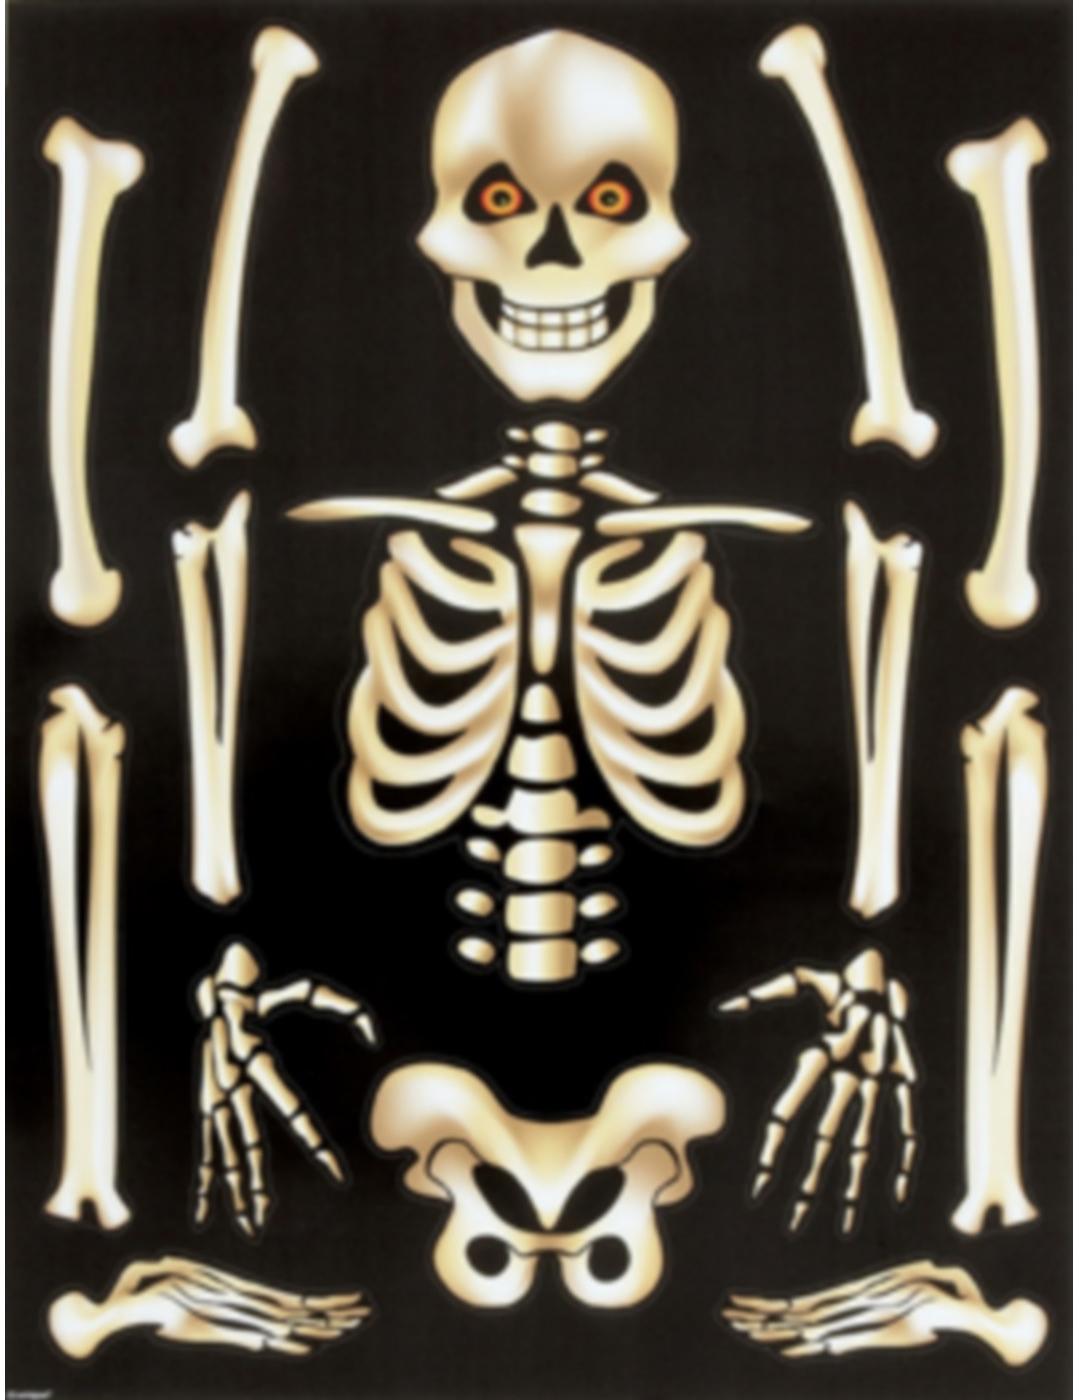 autocollants pour fentres squelette halloween - Squelette Halloween